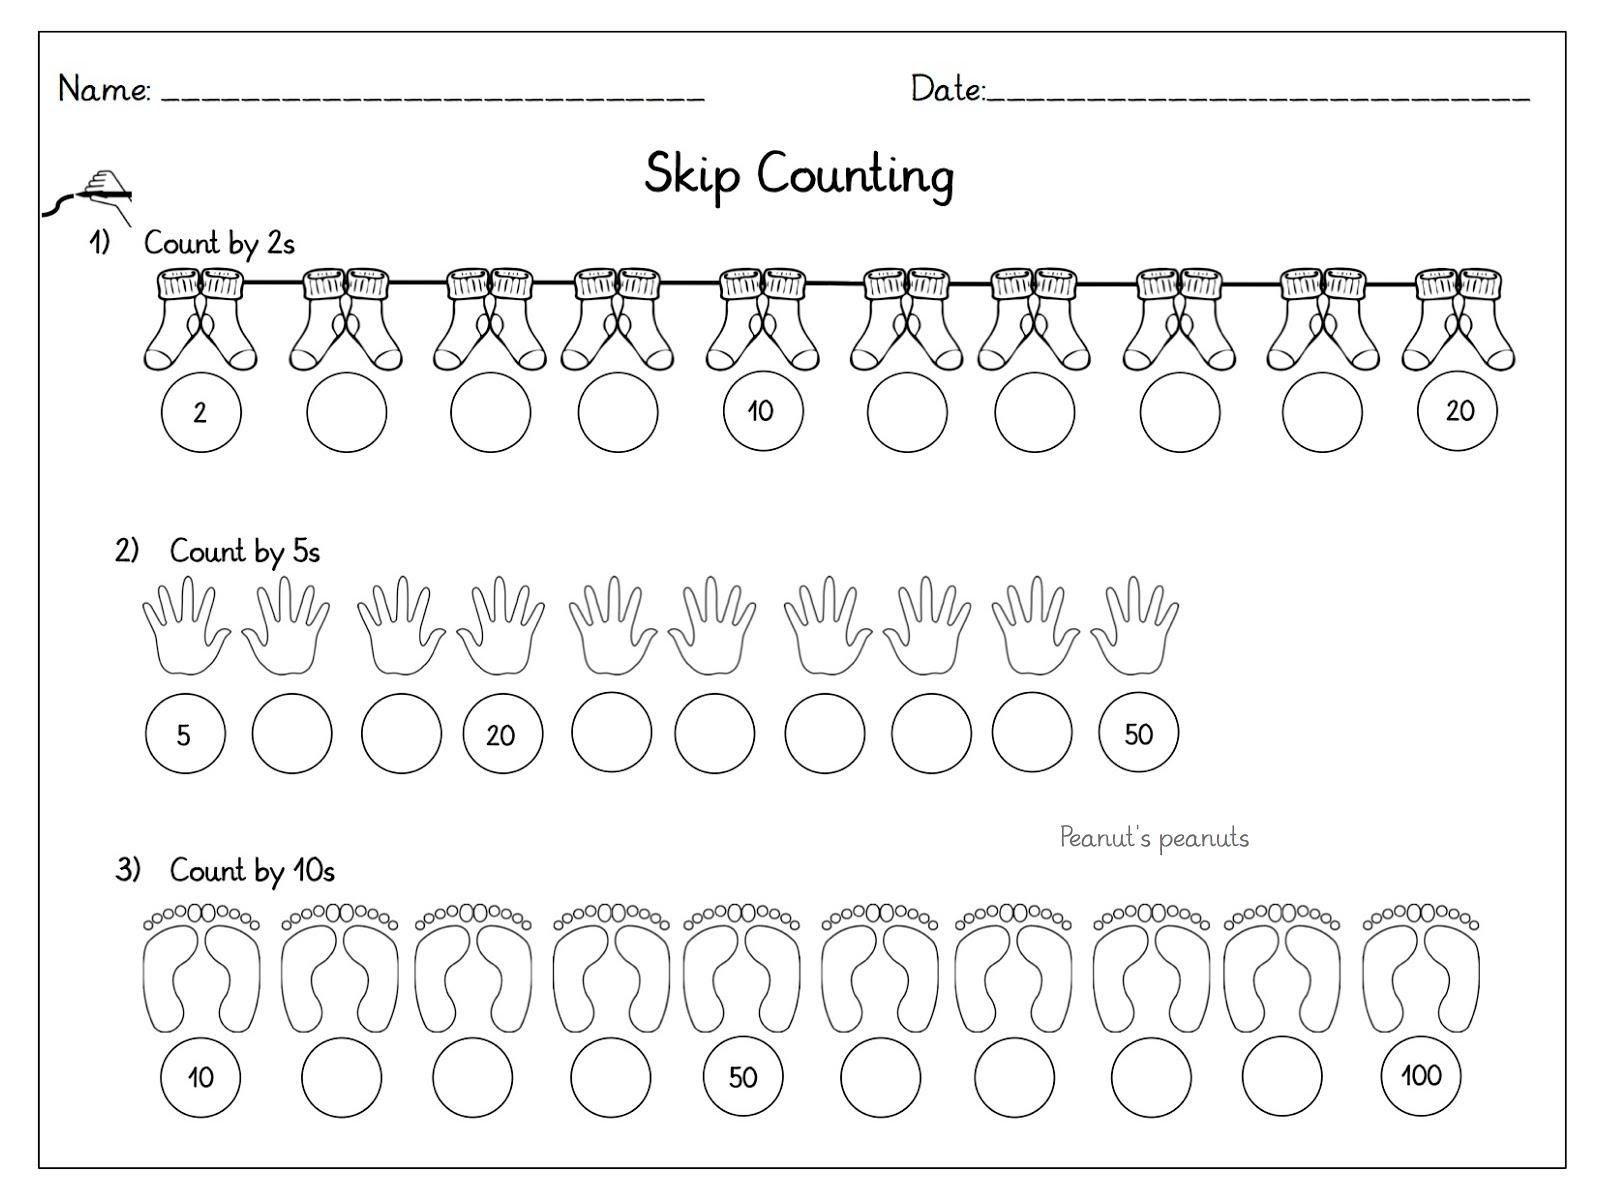 Peanut\'s peanuts: In Schritten zählen - Skip Counting